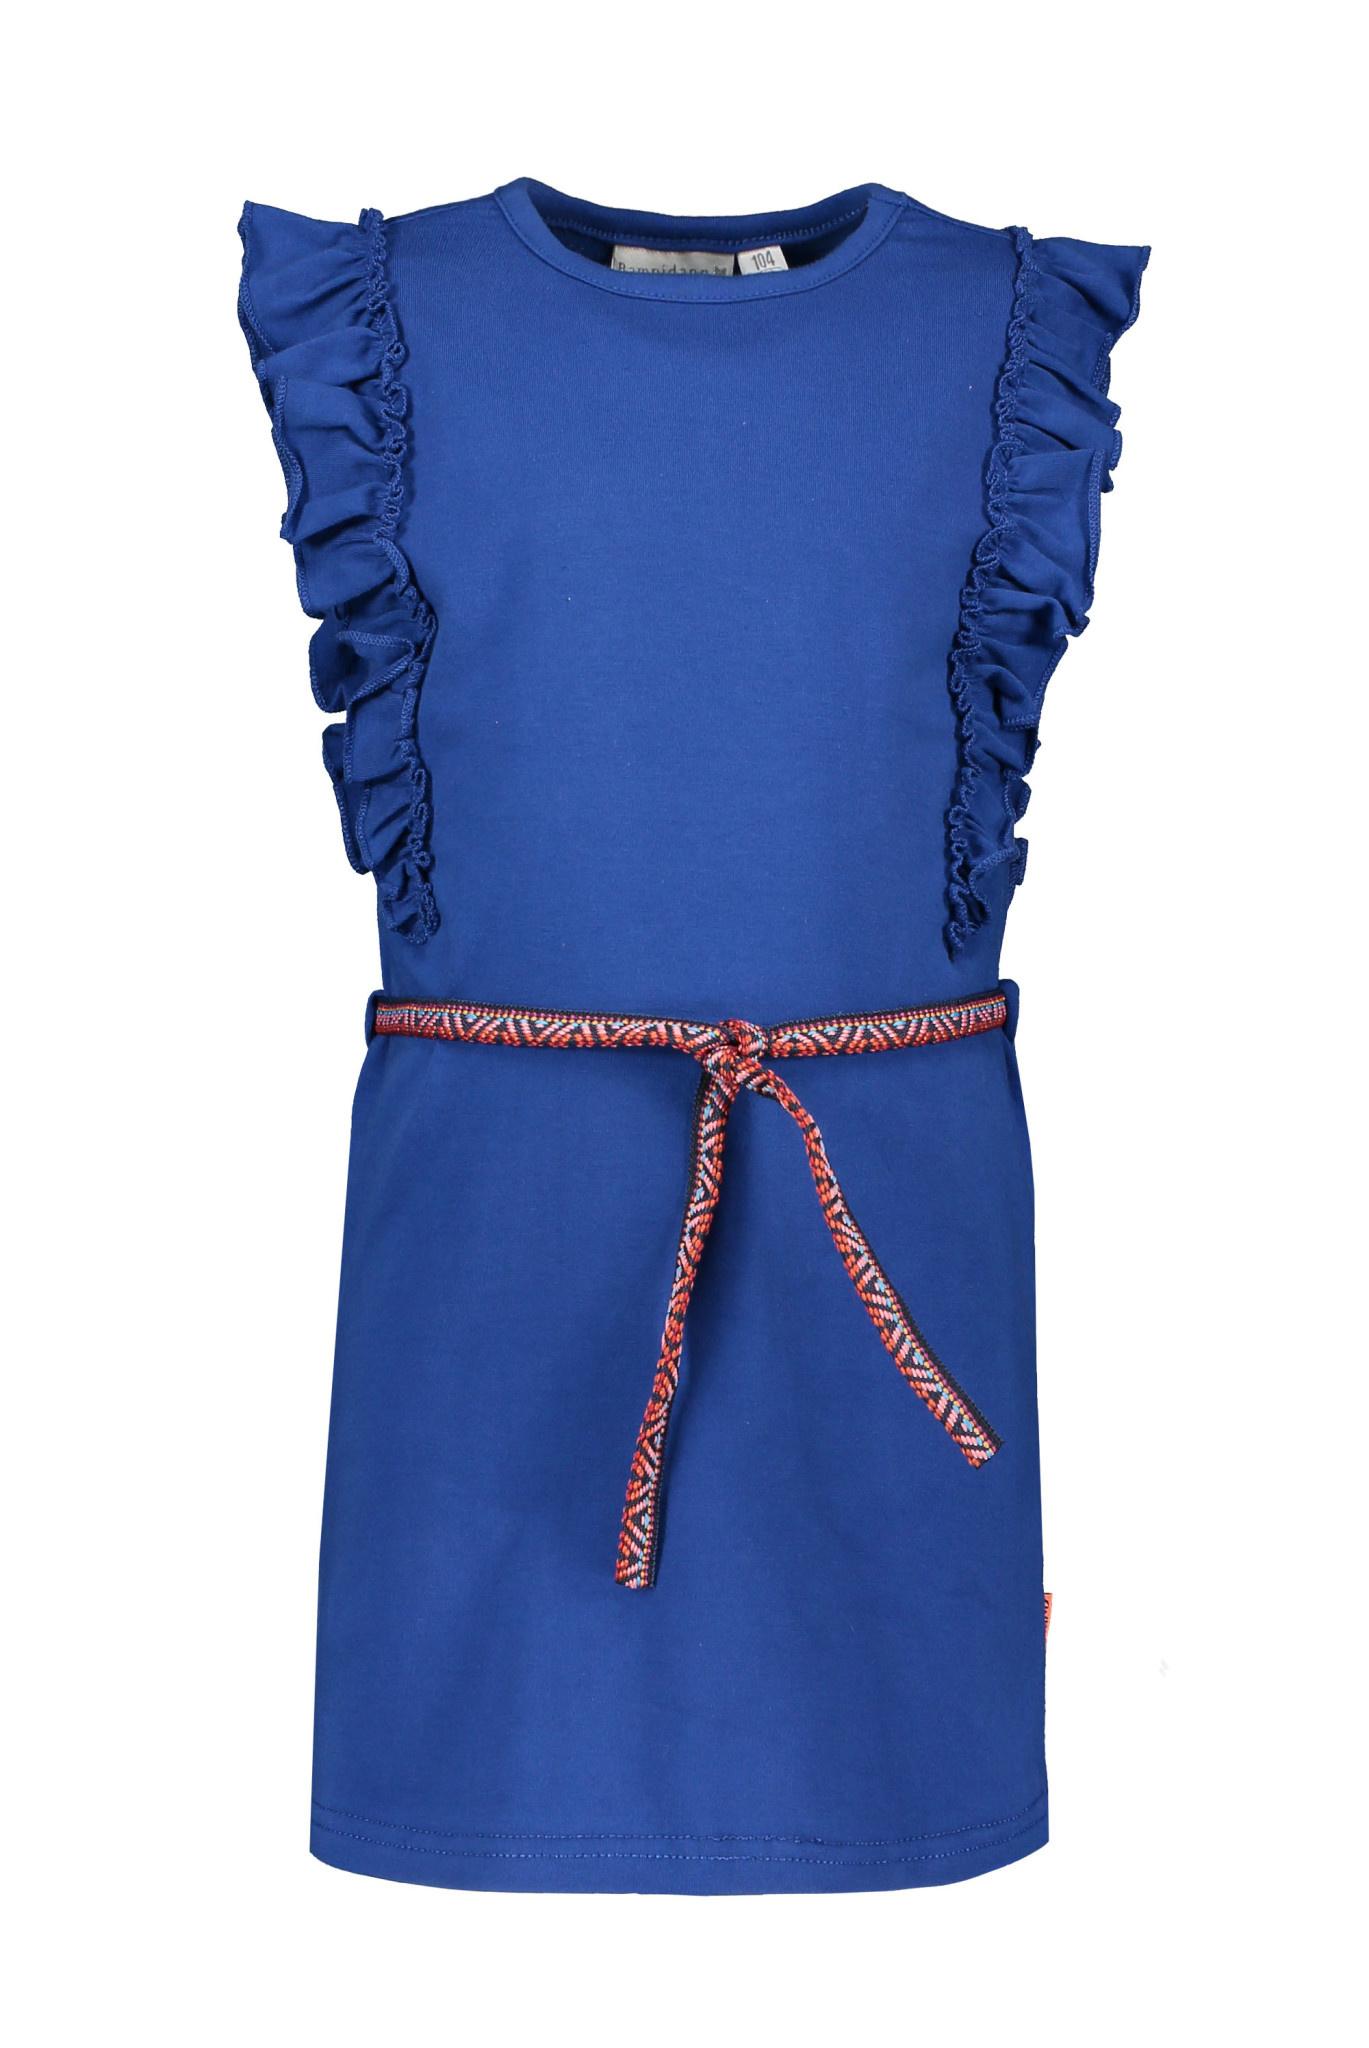 Estee Dress - Summer Love - Blue